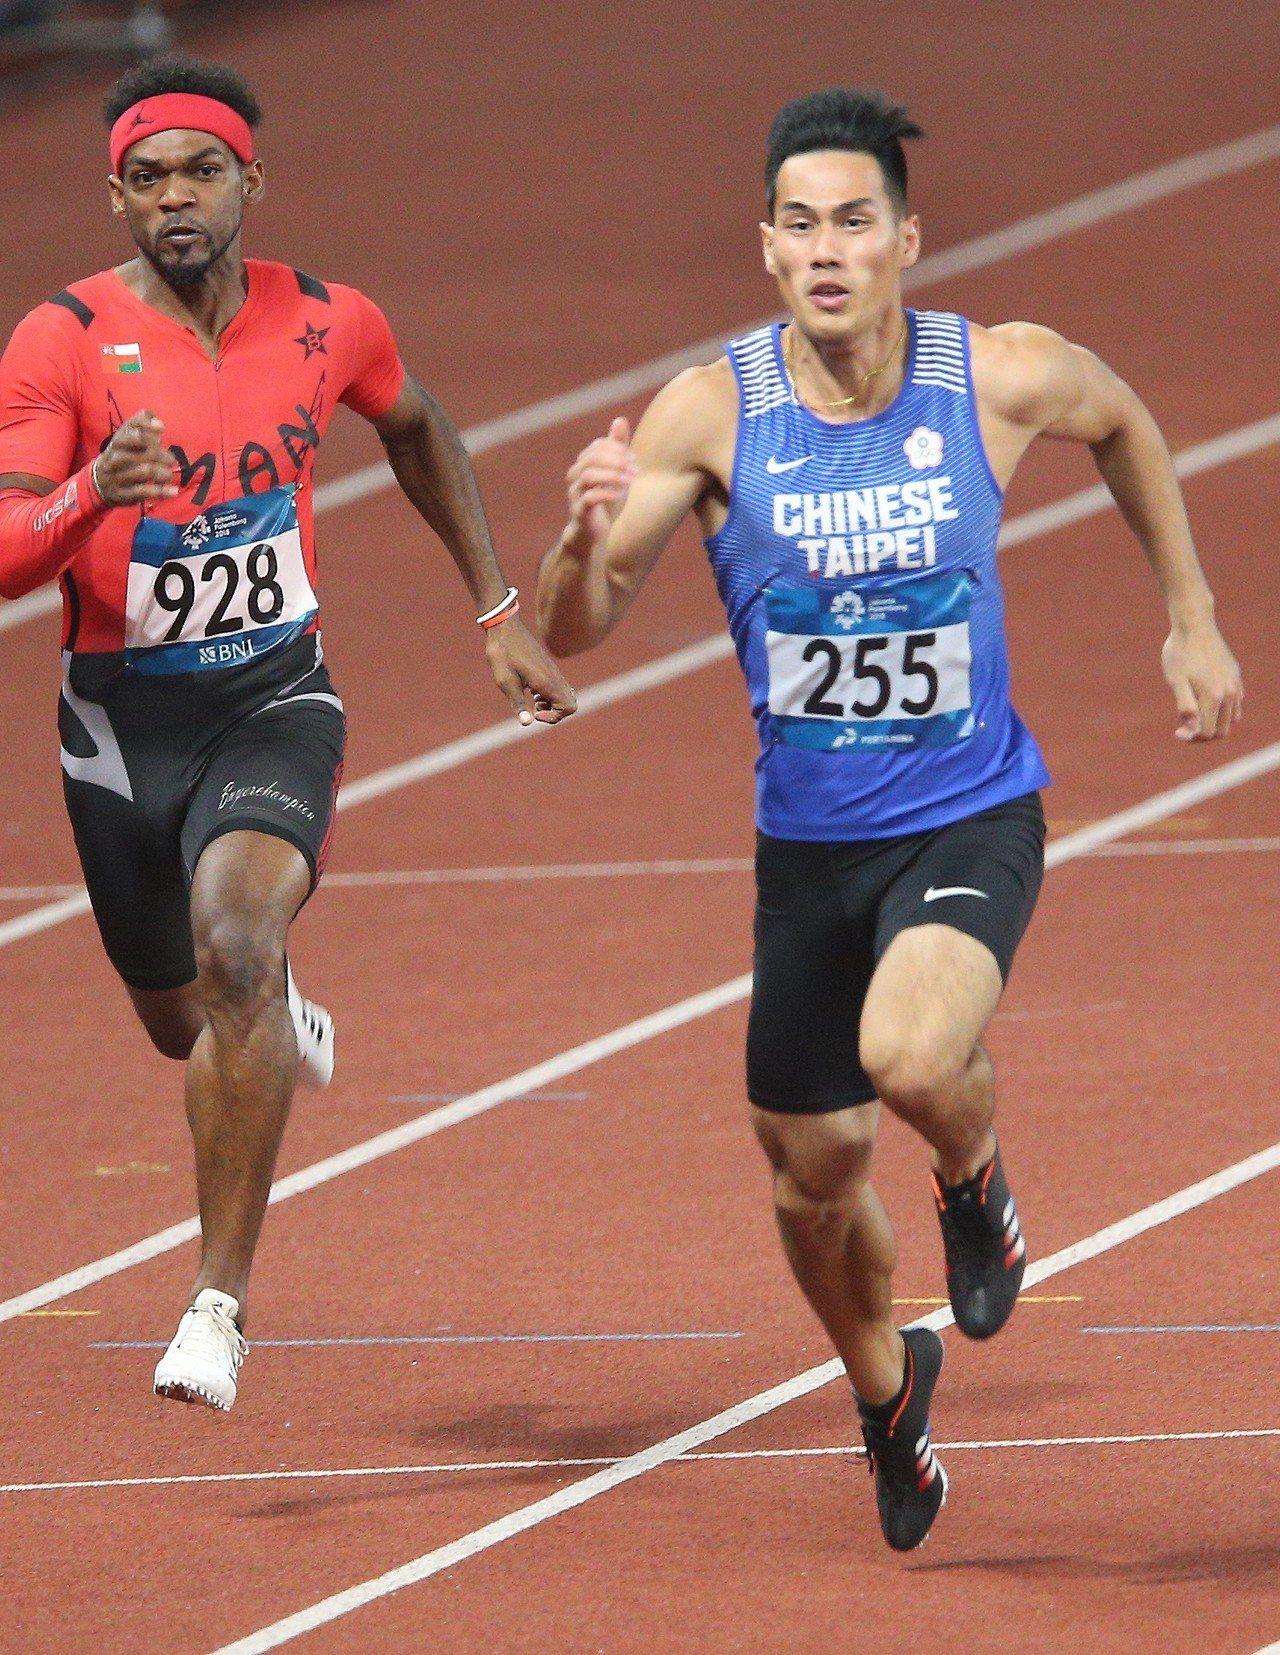 楊俊瀚(右)準決賽跑出10秒17的成績晉級。特派記者陳正興/雅加達攝影